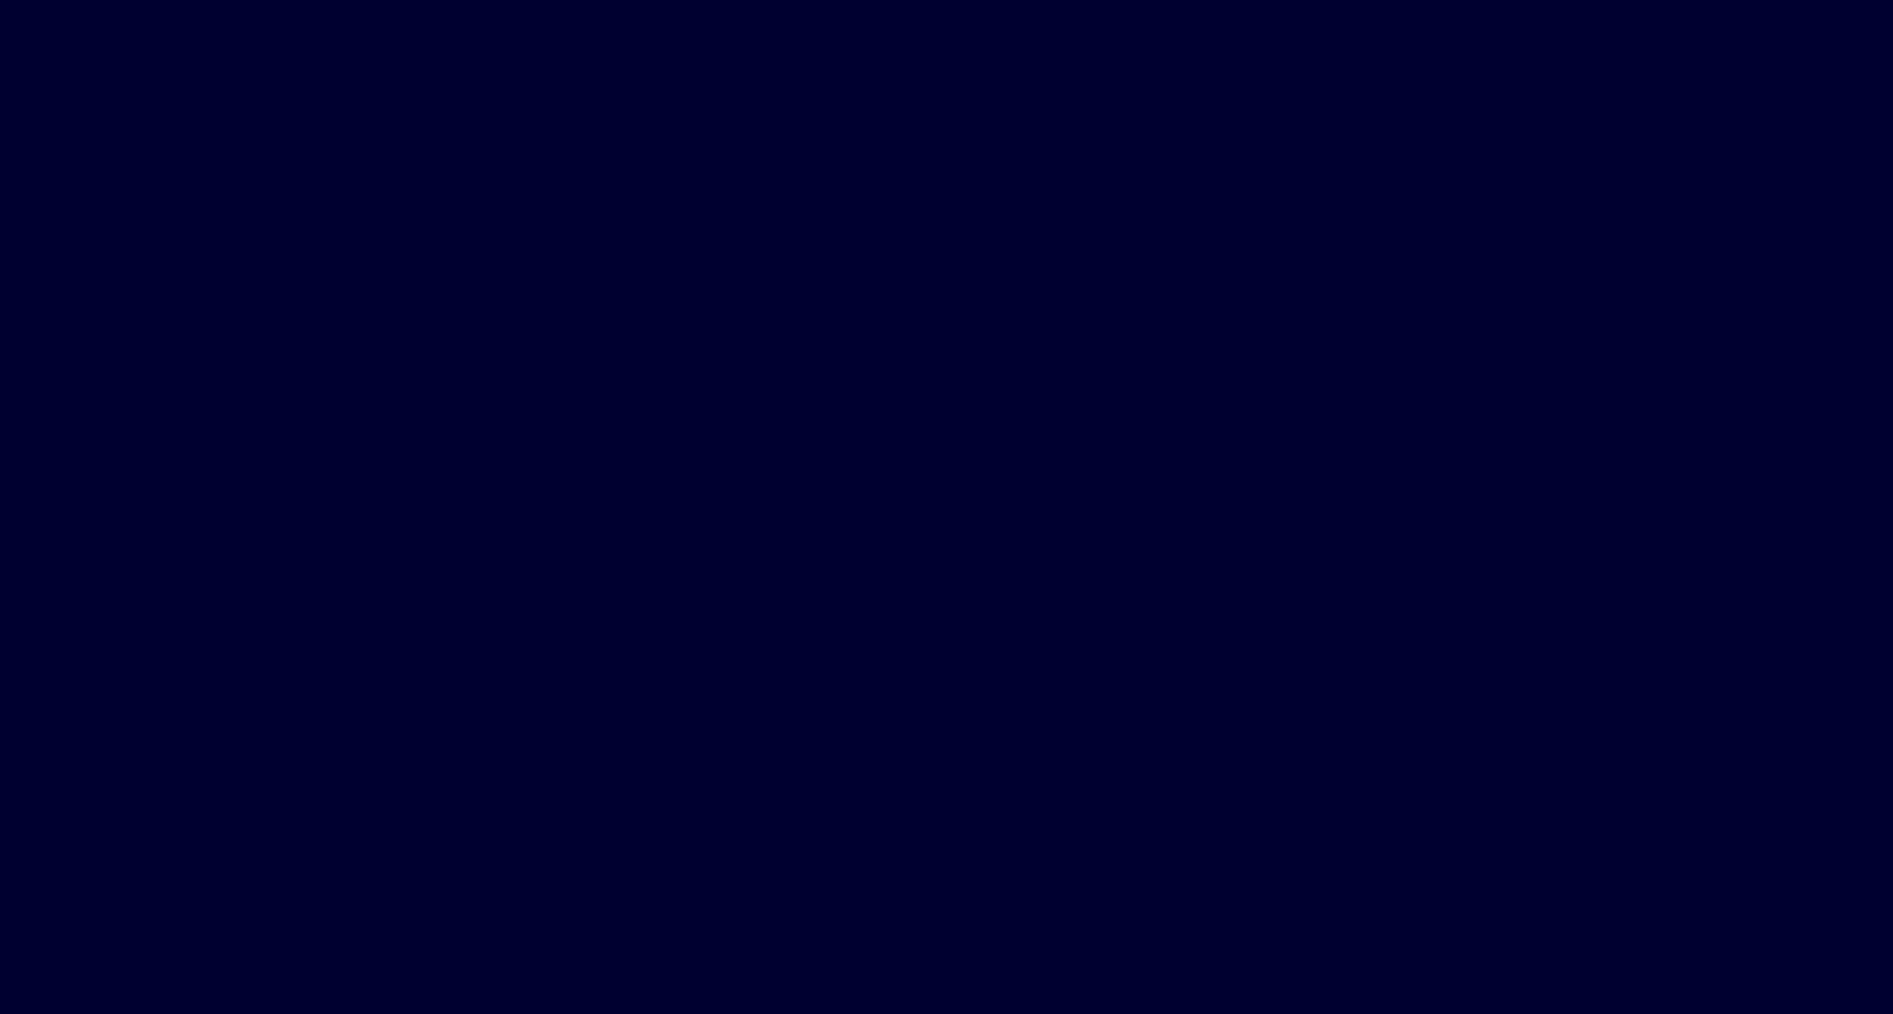 Logo Eulerian azul